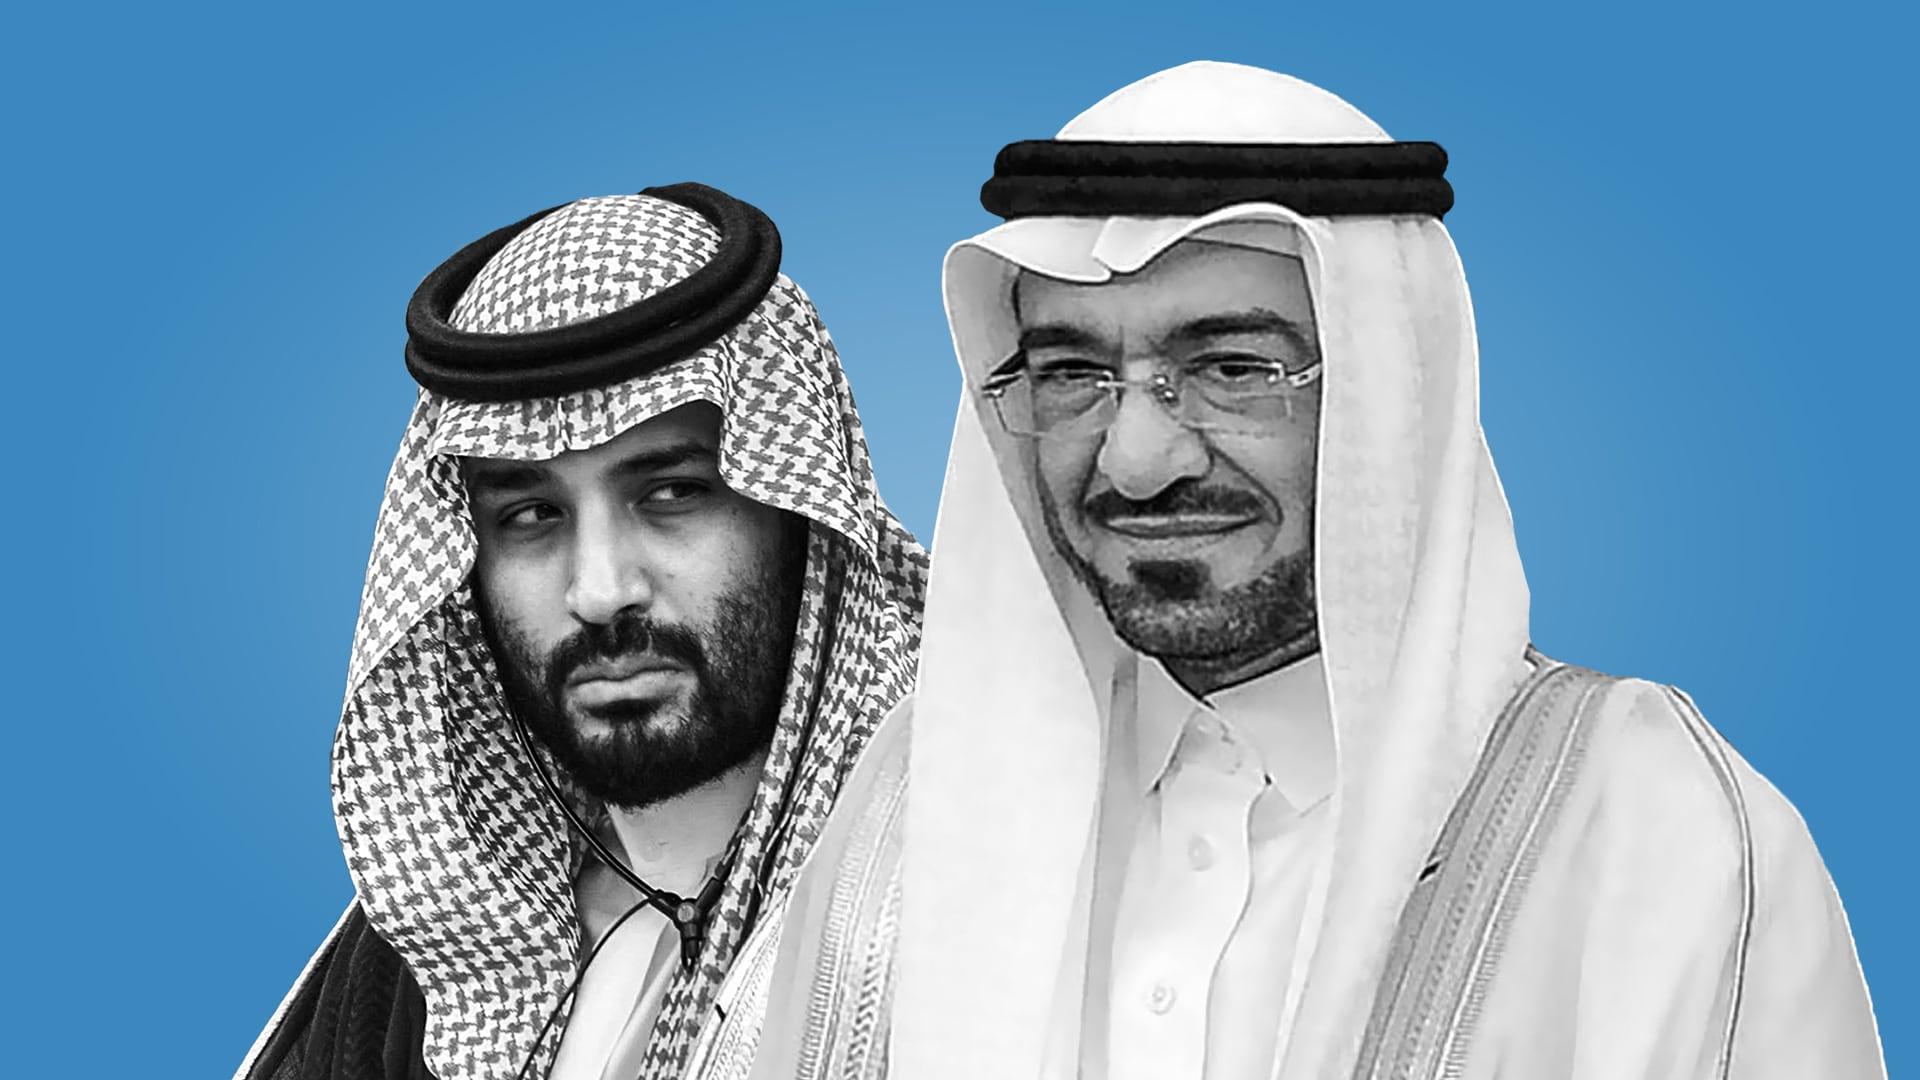 تطور جديد في النزاع القضائي بين سعد الجبري وابن سلمان وطلب عاجل من العدل الأمريكية